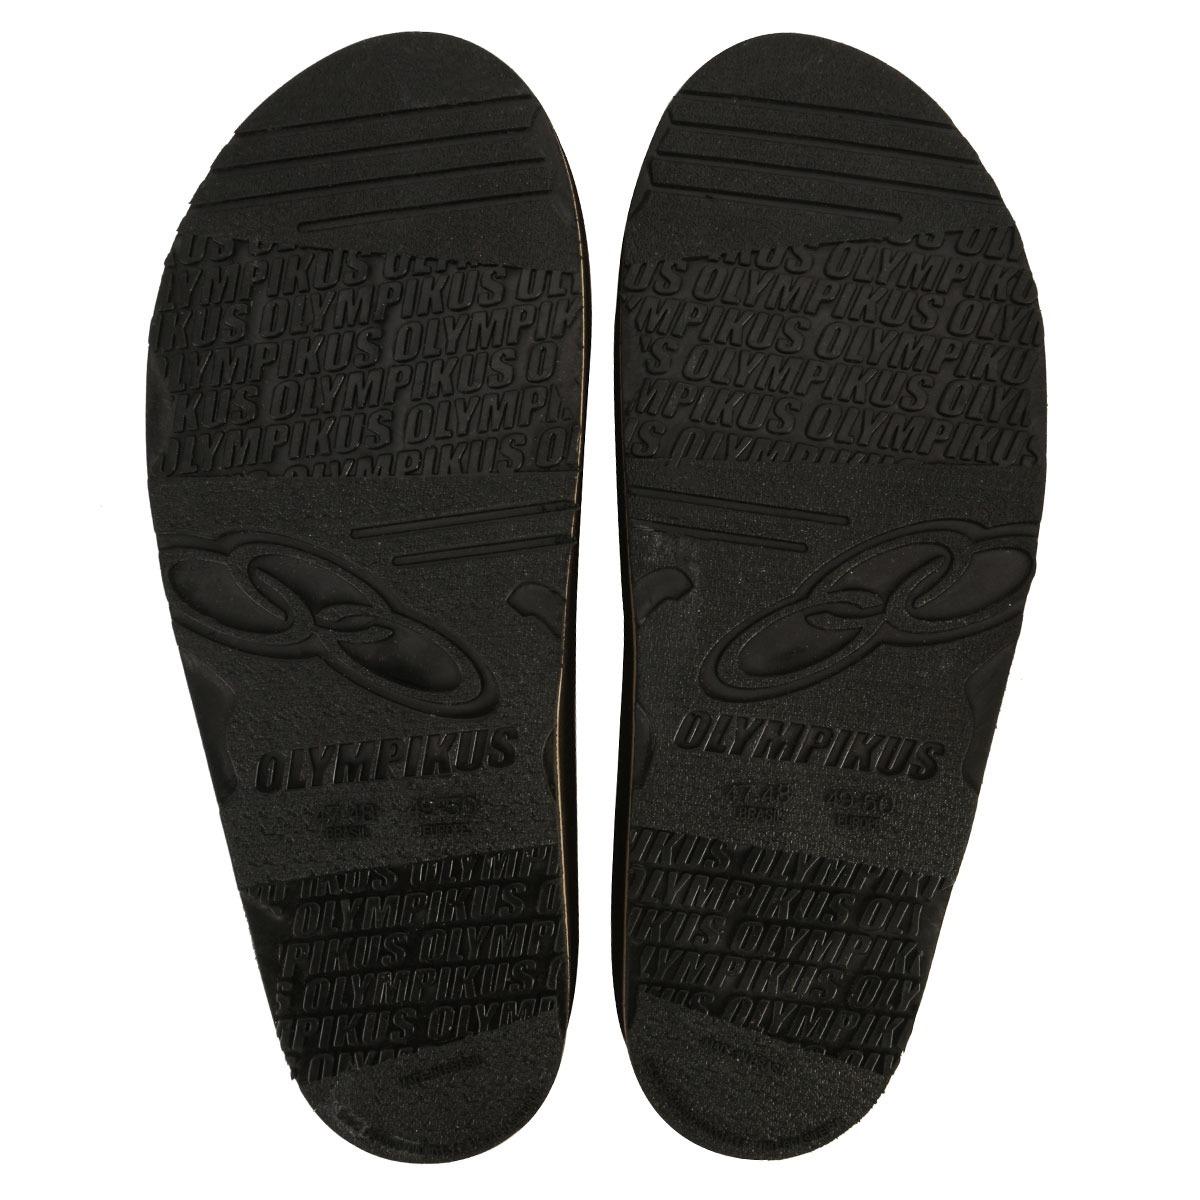 e1775e4941 chinelo masculino olympikus marrom 920 original barato lindo. Carregando  zoom.